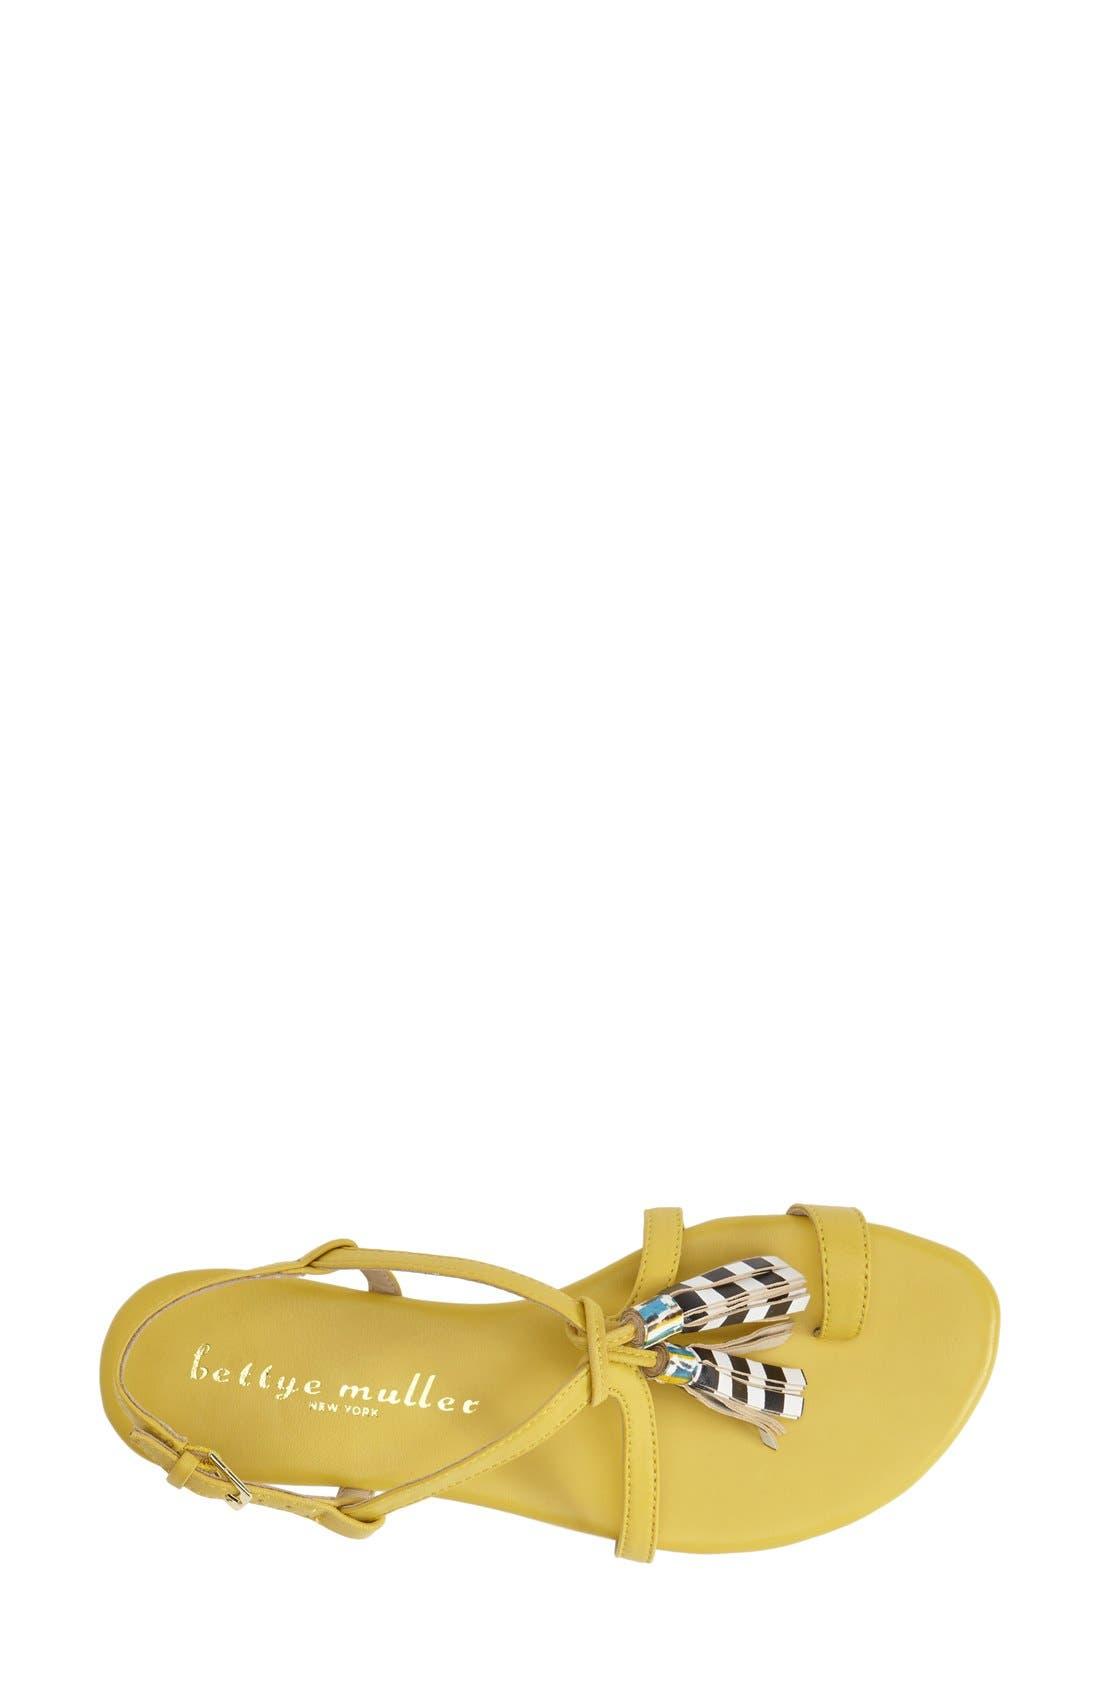 Alternate Image 3  - Bettye Muller 'Sasha' Leather Tassel Sandal (Women)